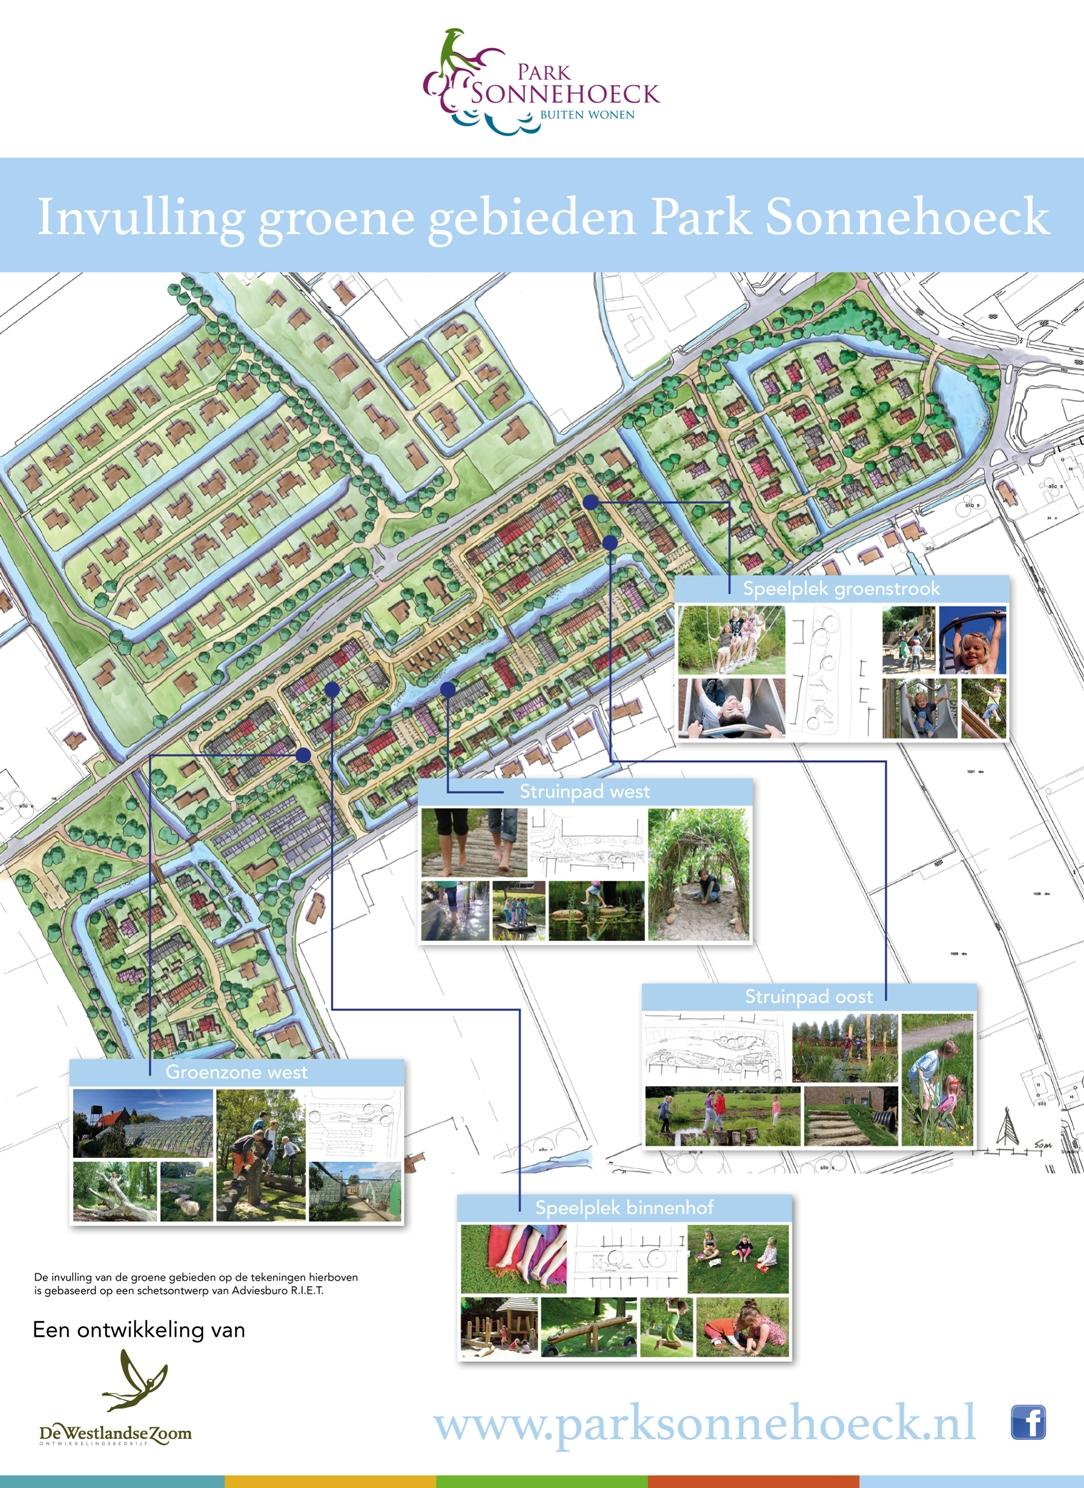 hoofd-bij-kwintsheul-ontwerp-groene-gebieden-park-sonnehoeck